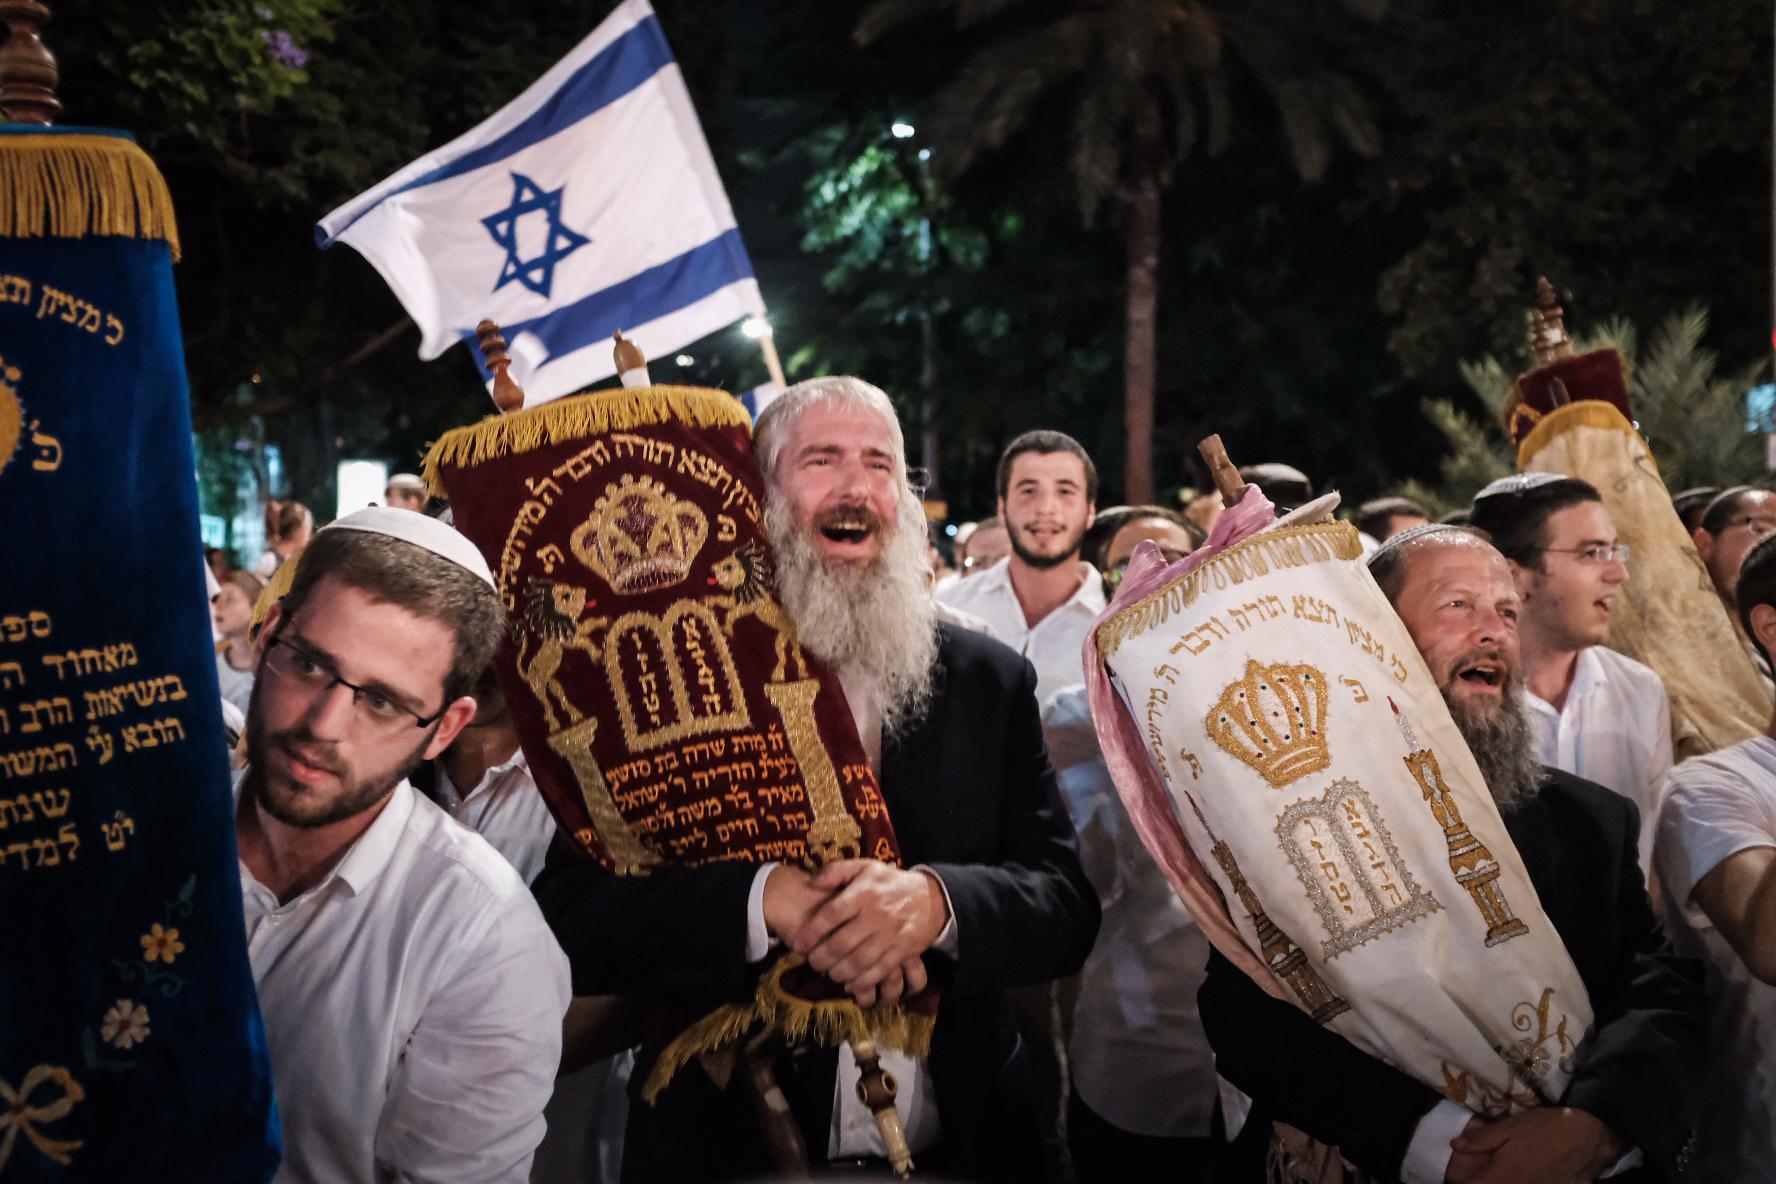 משמחים בכיכר רבין (צילום: תומר ניוברג/ פלאש 90)